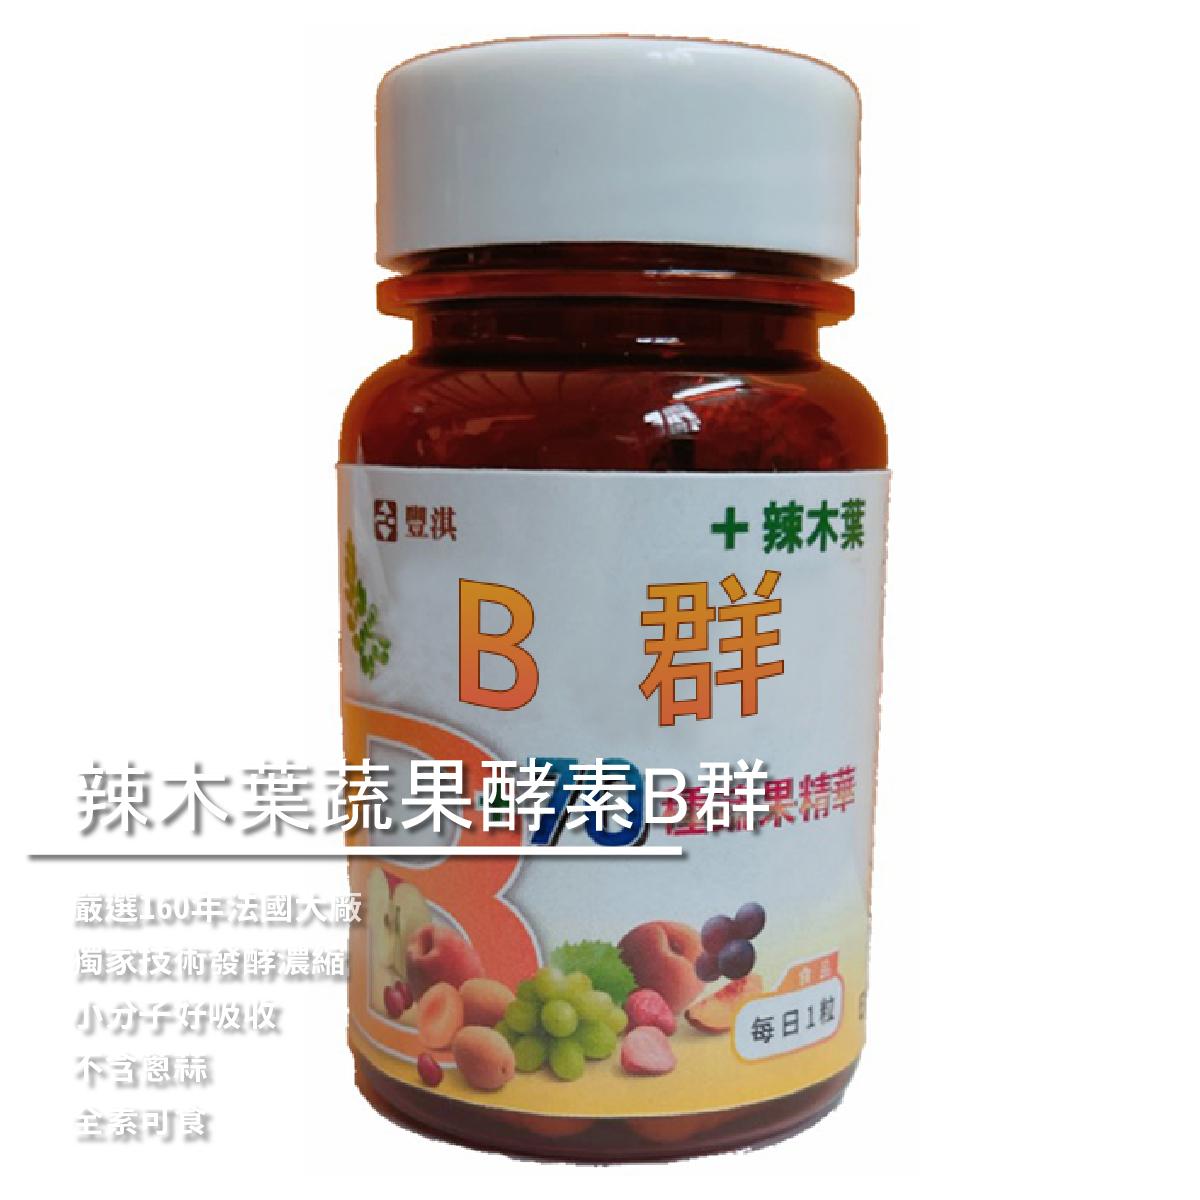 【豐淇國際】辣木葉蔬果酵素B群